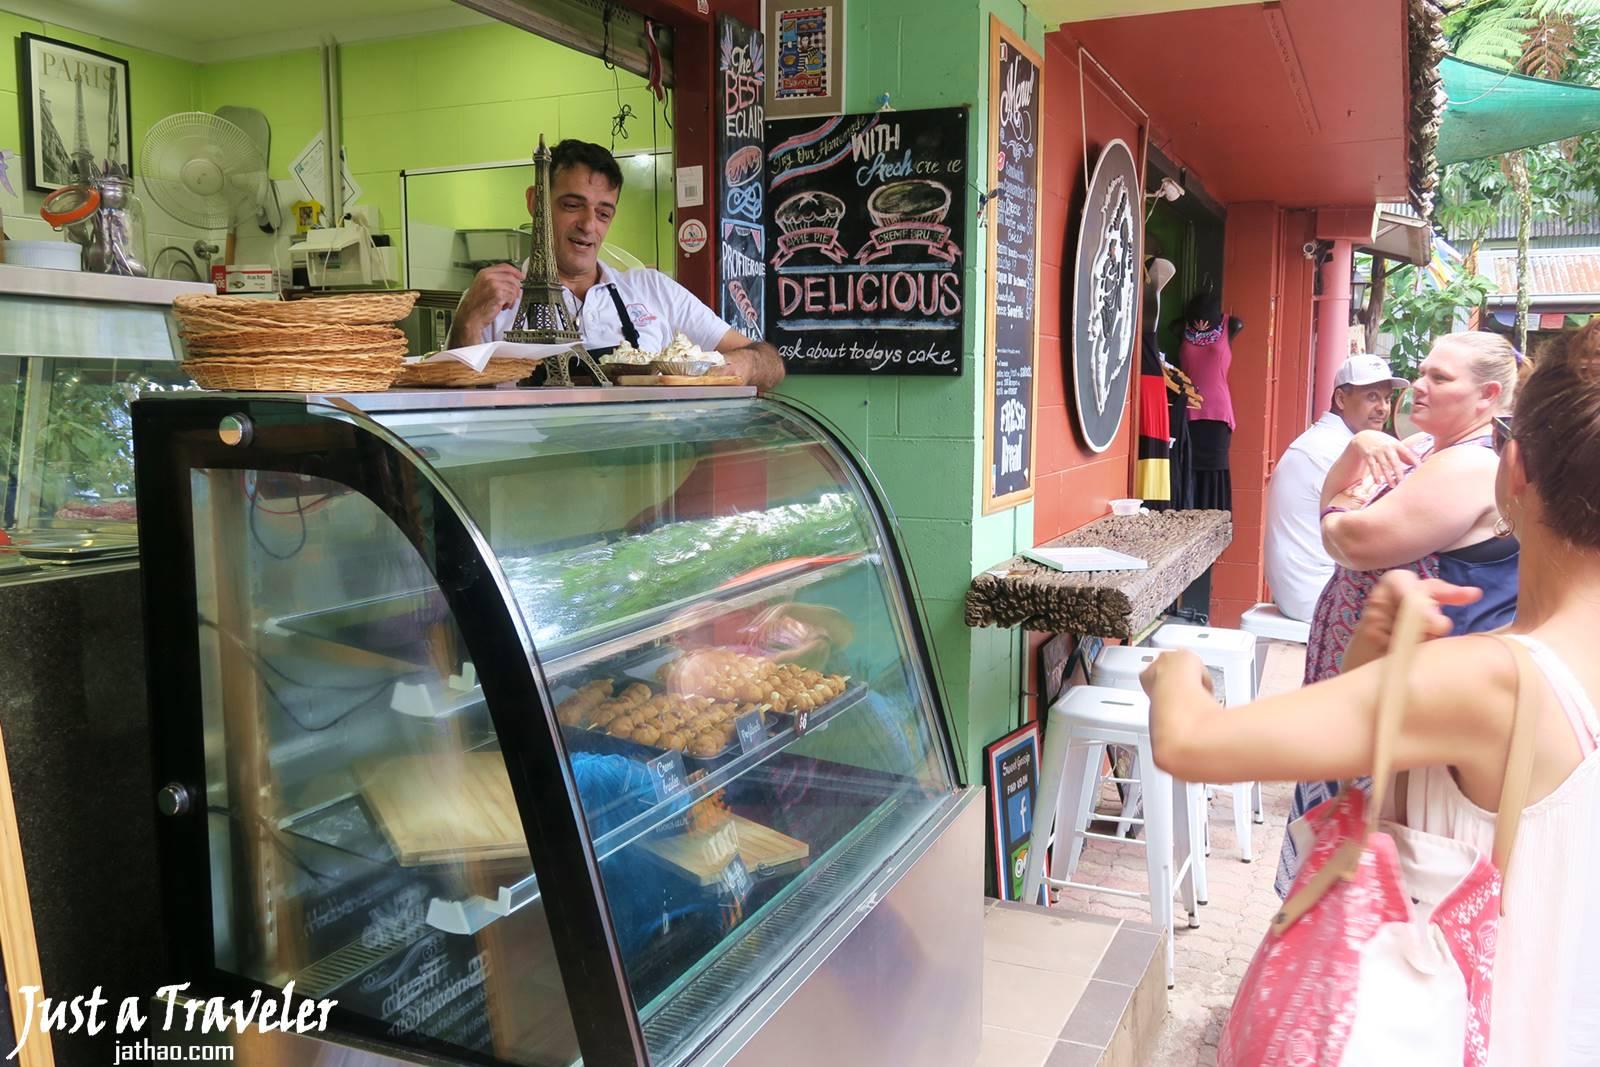 凱恩斯-庫蘭達-景點-庫蘭達雨林市集-自由行-旅遊-澳洲-Cairns-Kuranda-Market-Travel-Tourist-Attraction-Australia